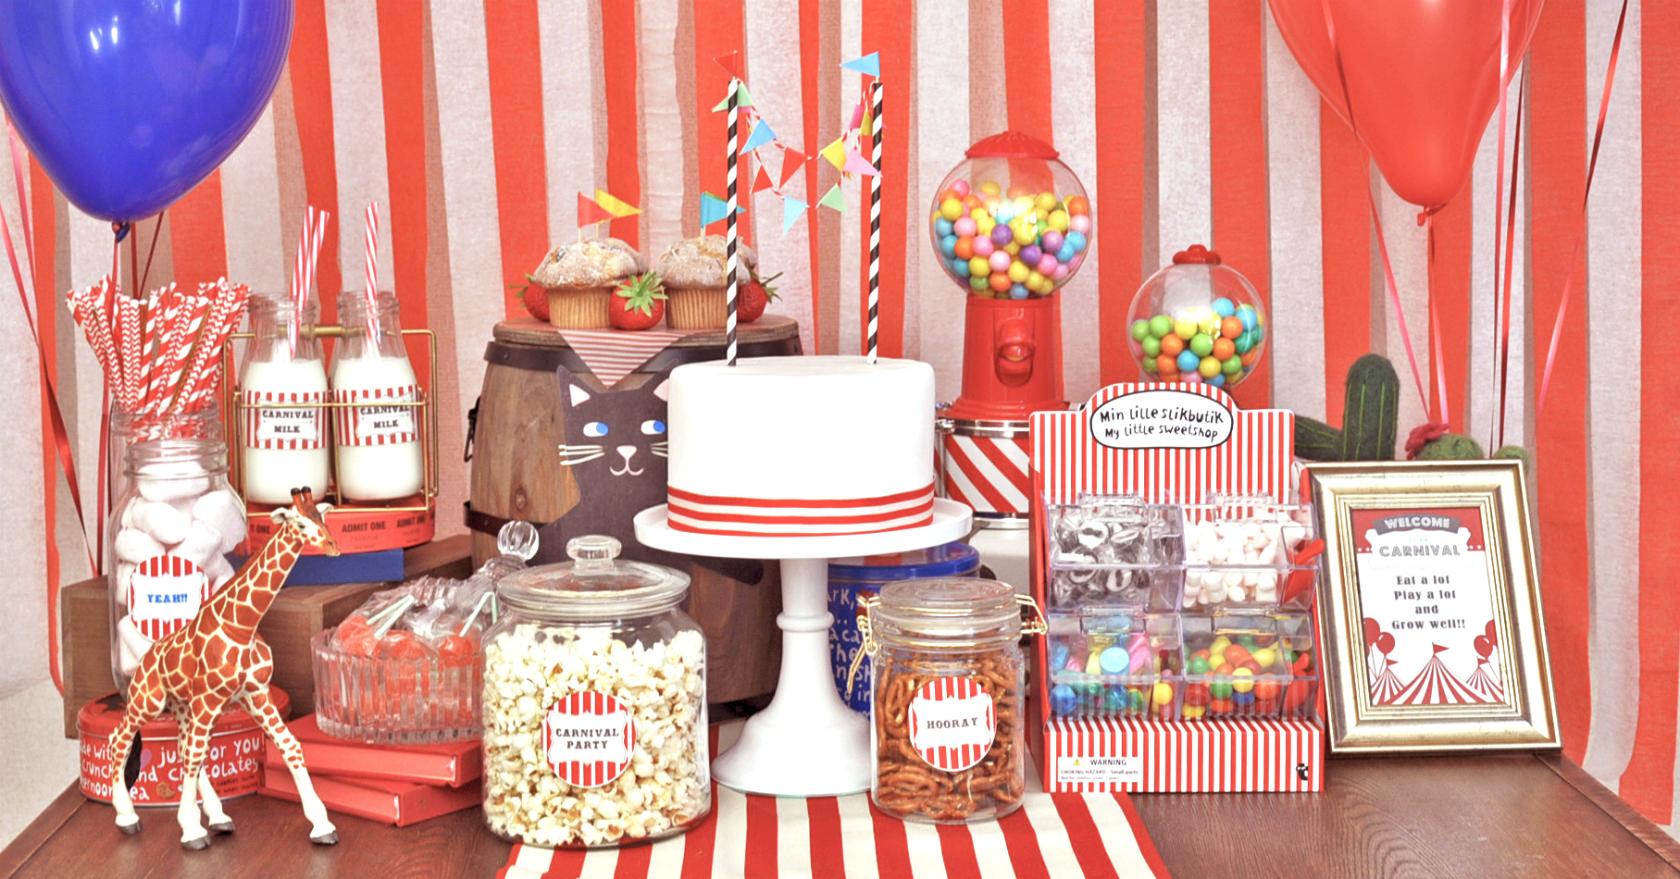 主役は子どもたち!カラフルお菓子パーティー「カーニバル」無料テンプレート